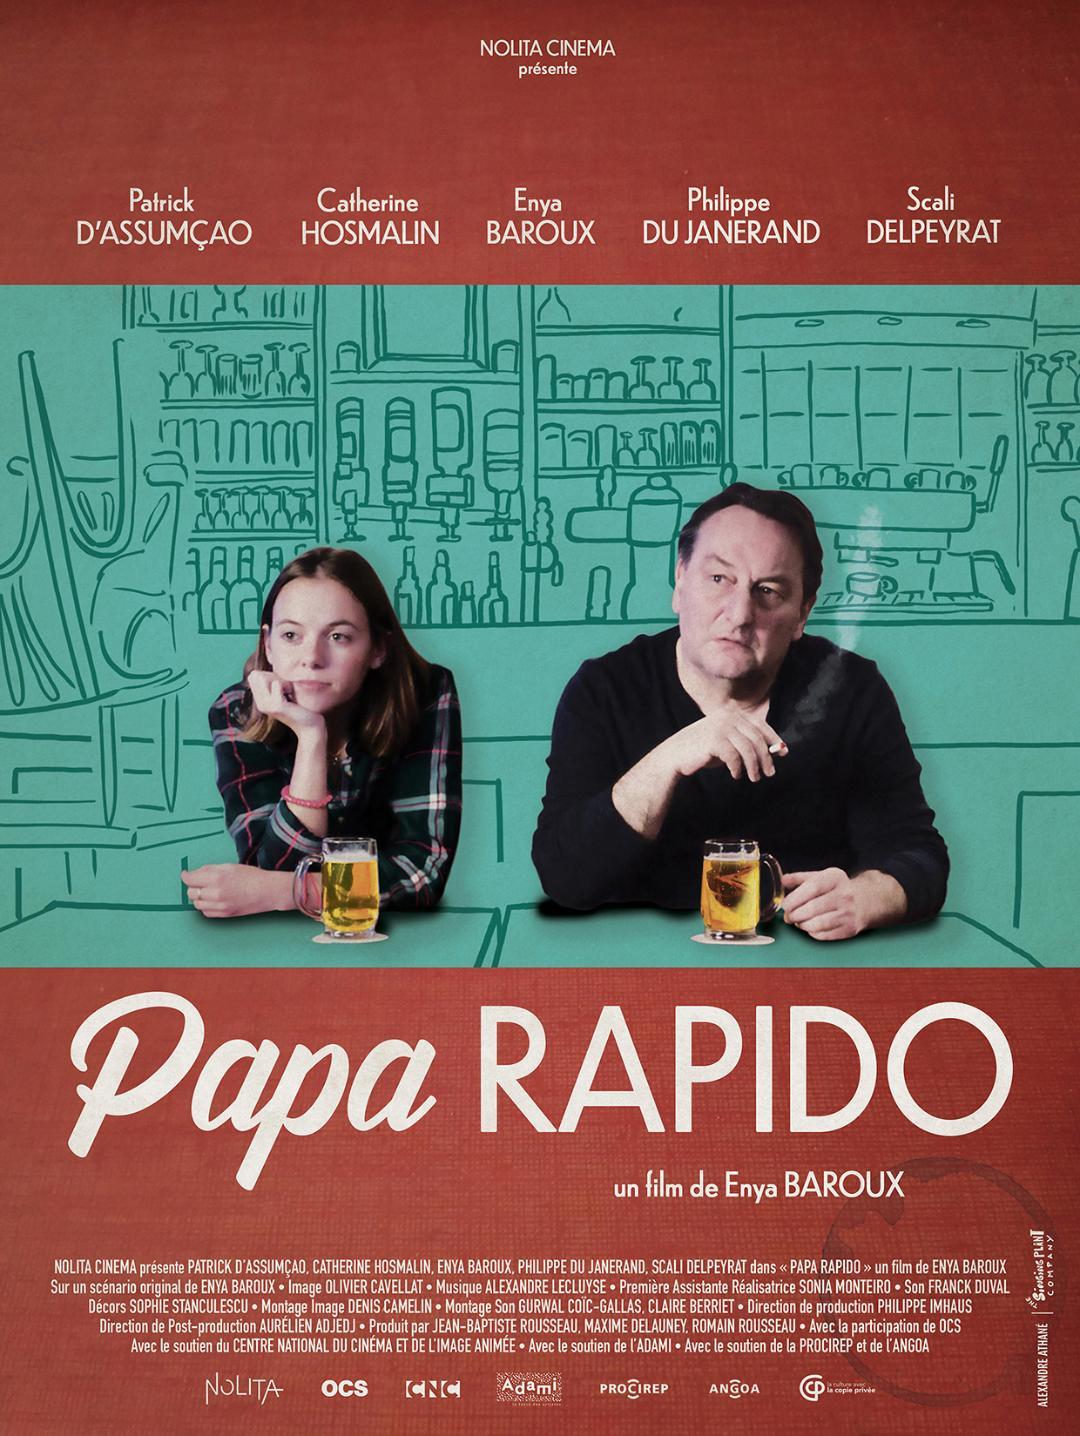 Papa rapido